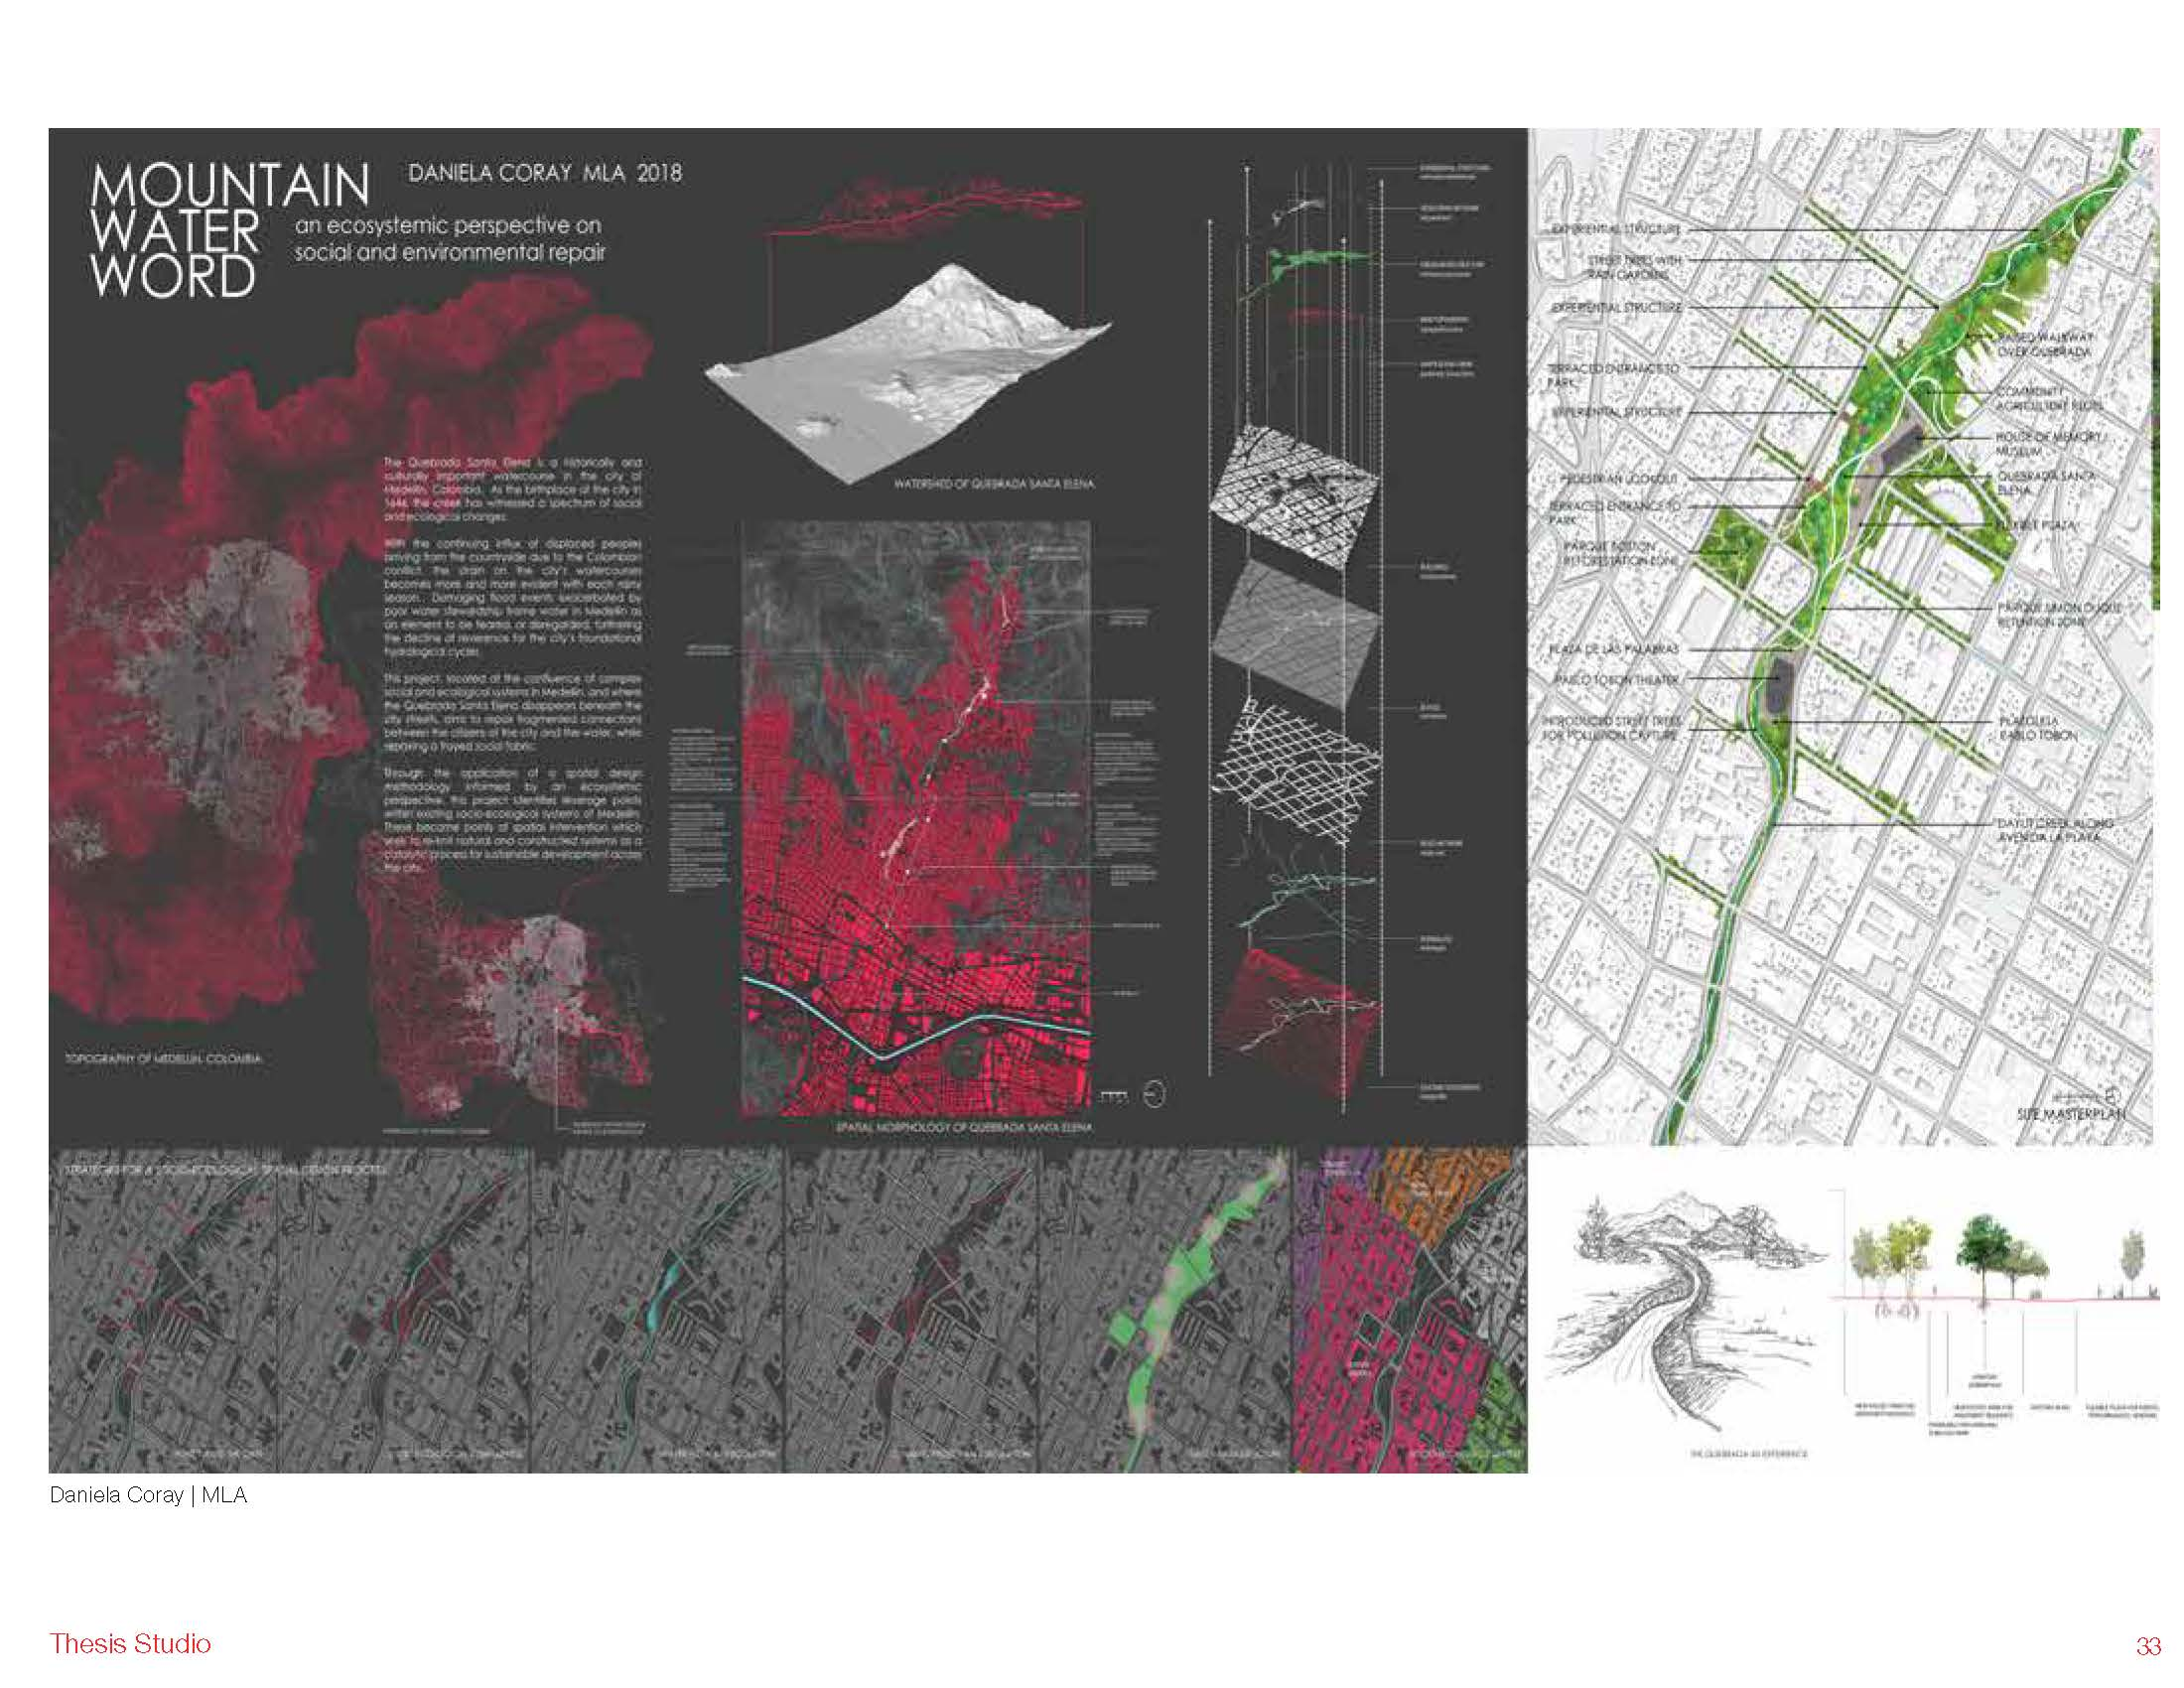 LA Viewbook_DIGITAL DISPLAY_RED_11202018_Page_35.jpg